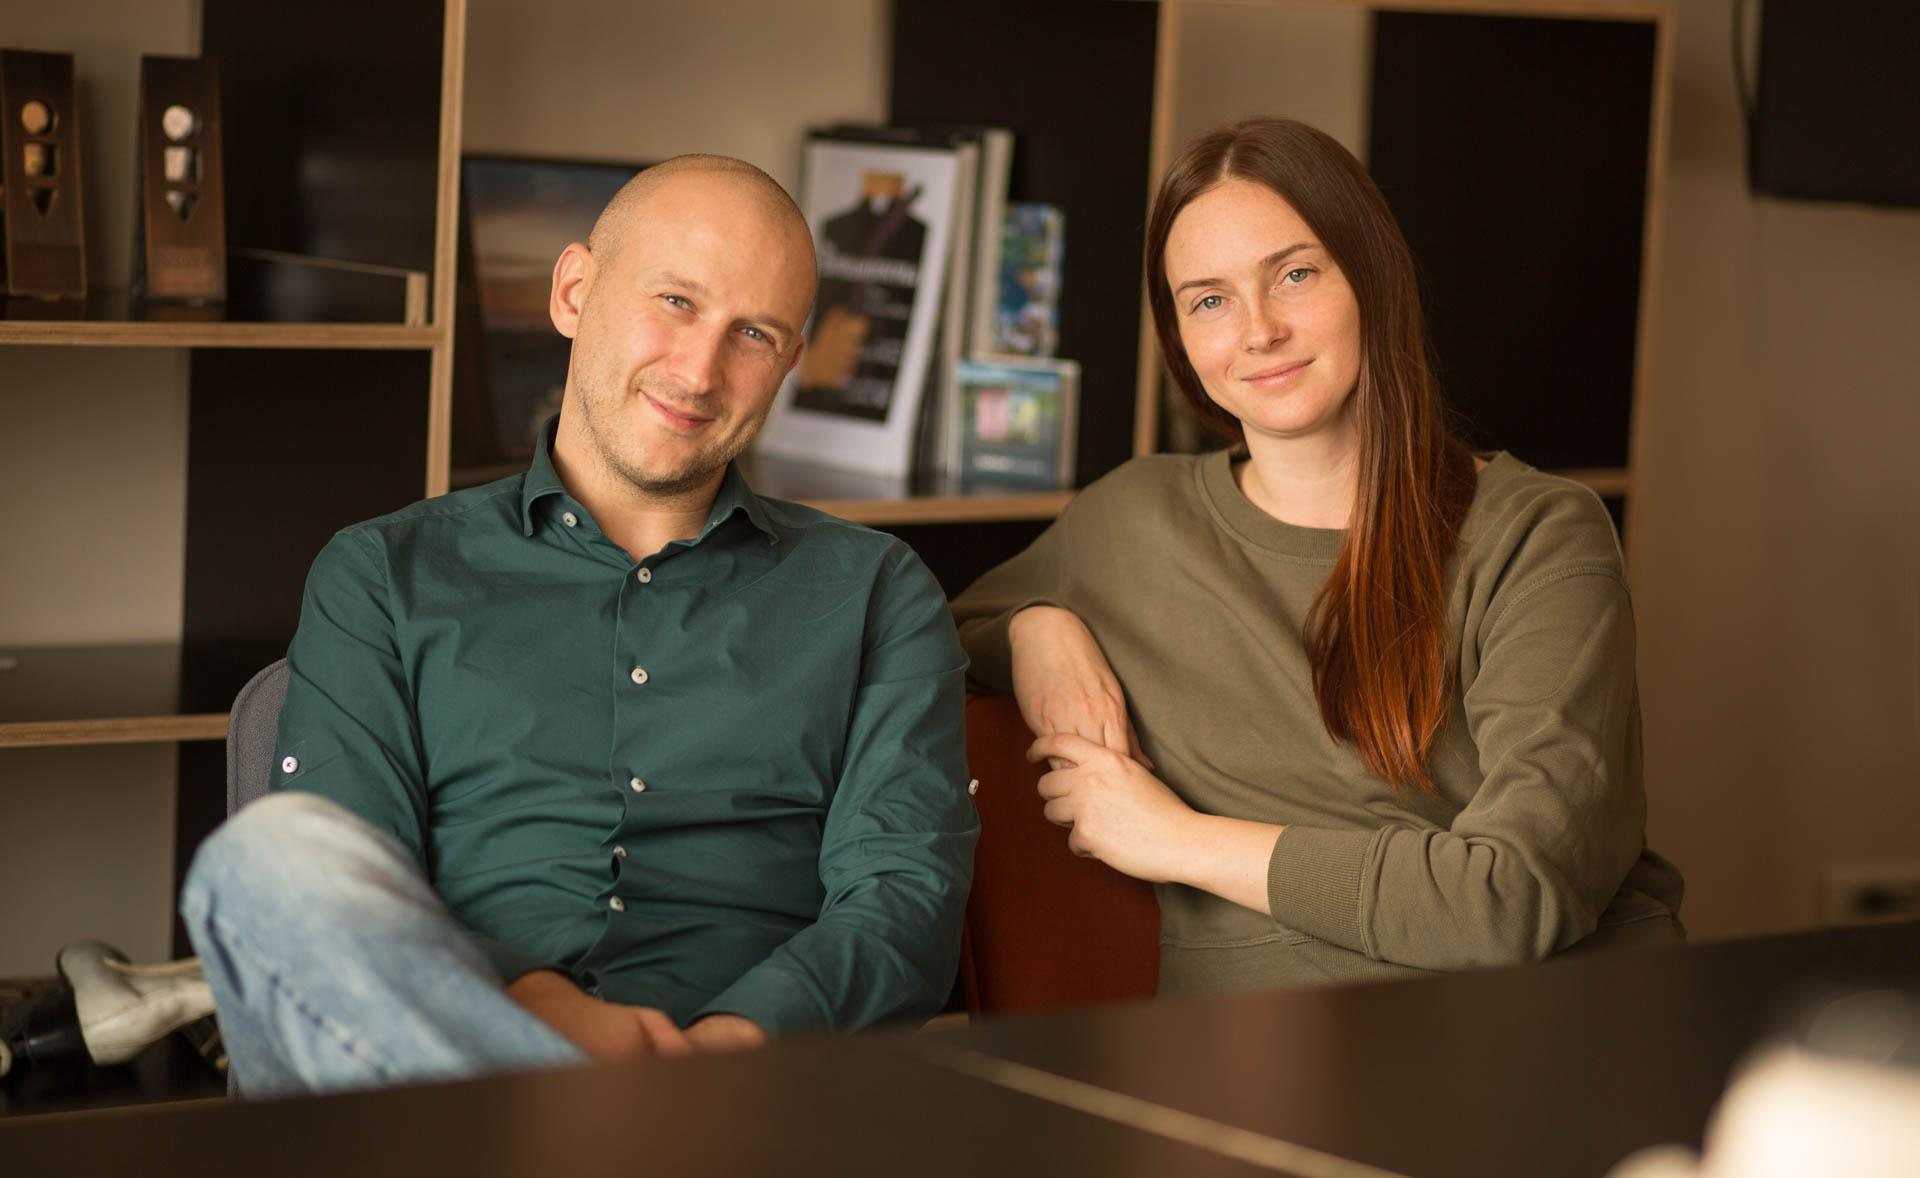 фотограф Александра Йорк, Владимир Яценко, Анна Собалевская